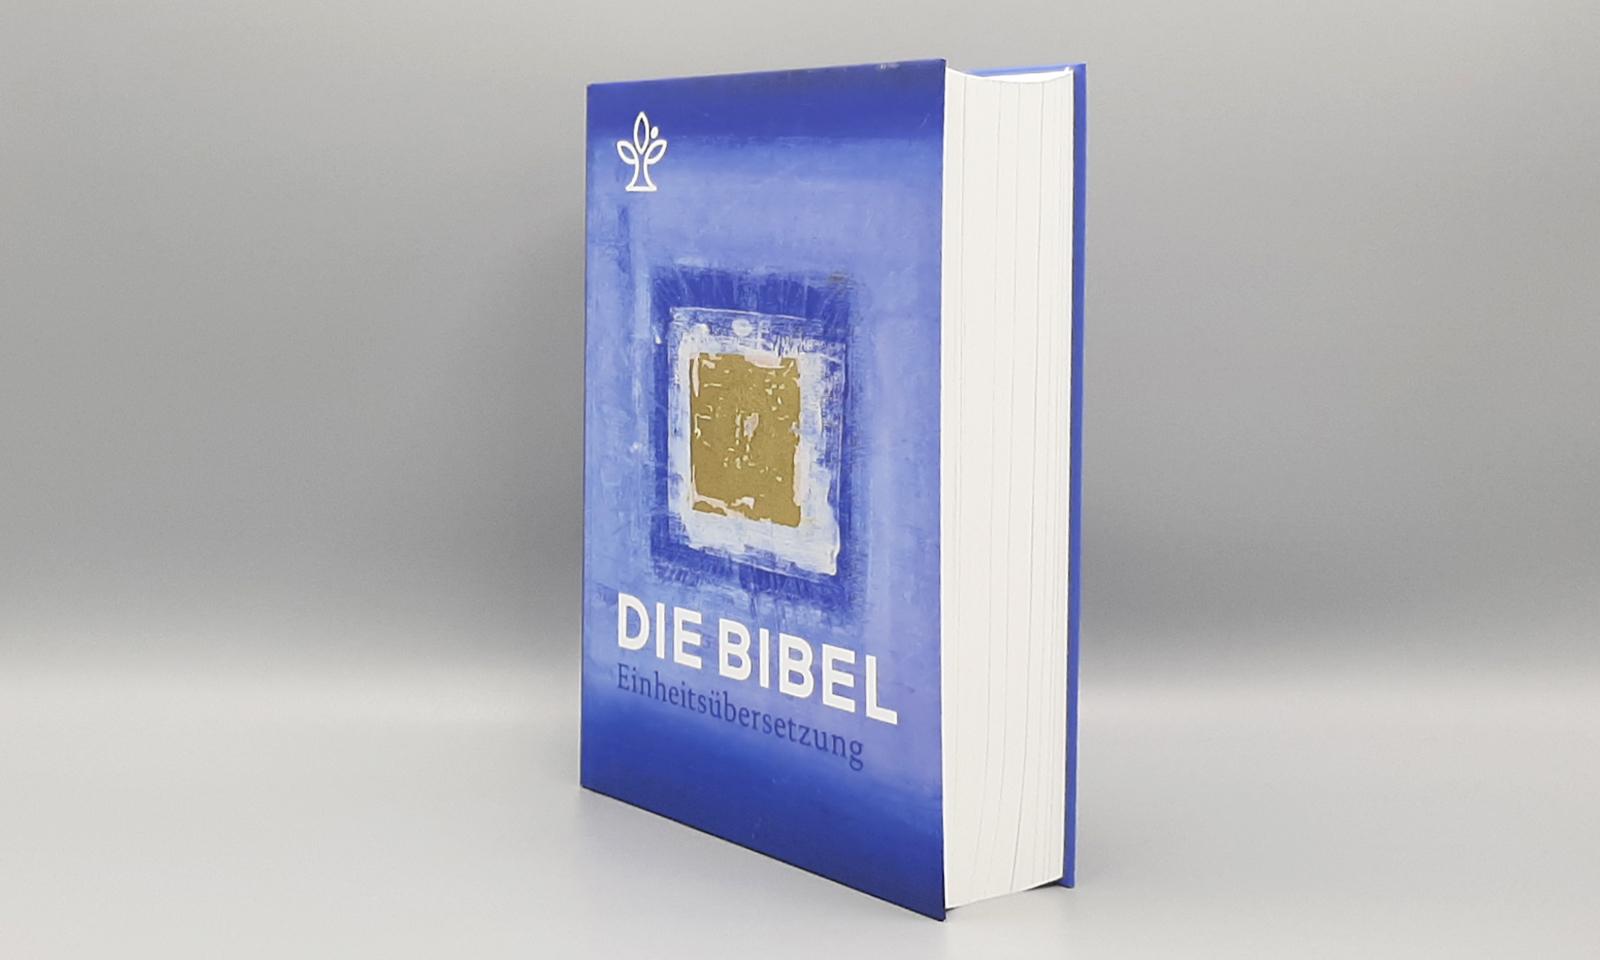 Die Bibel1